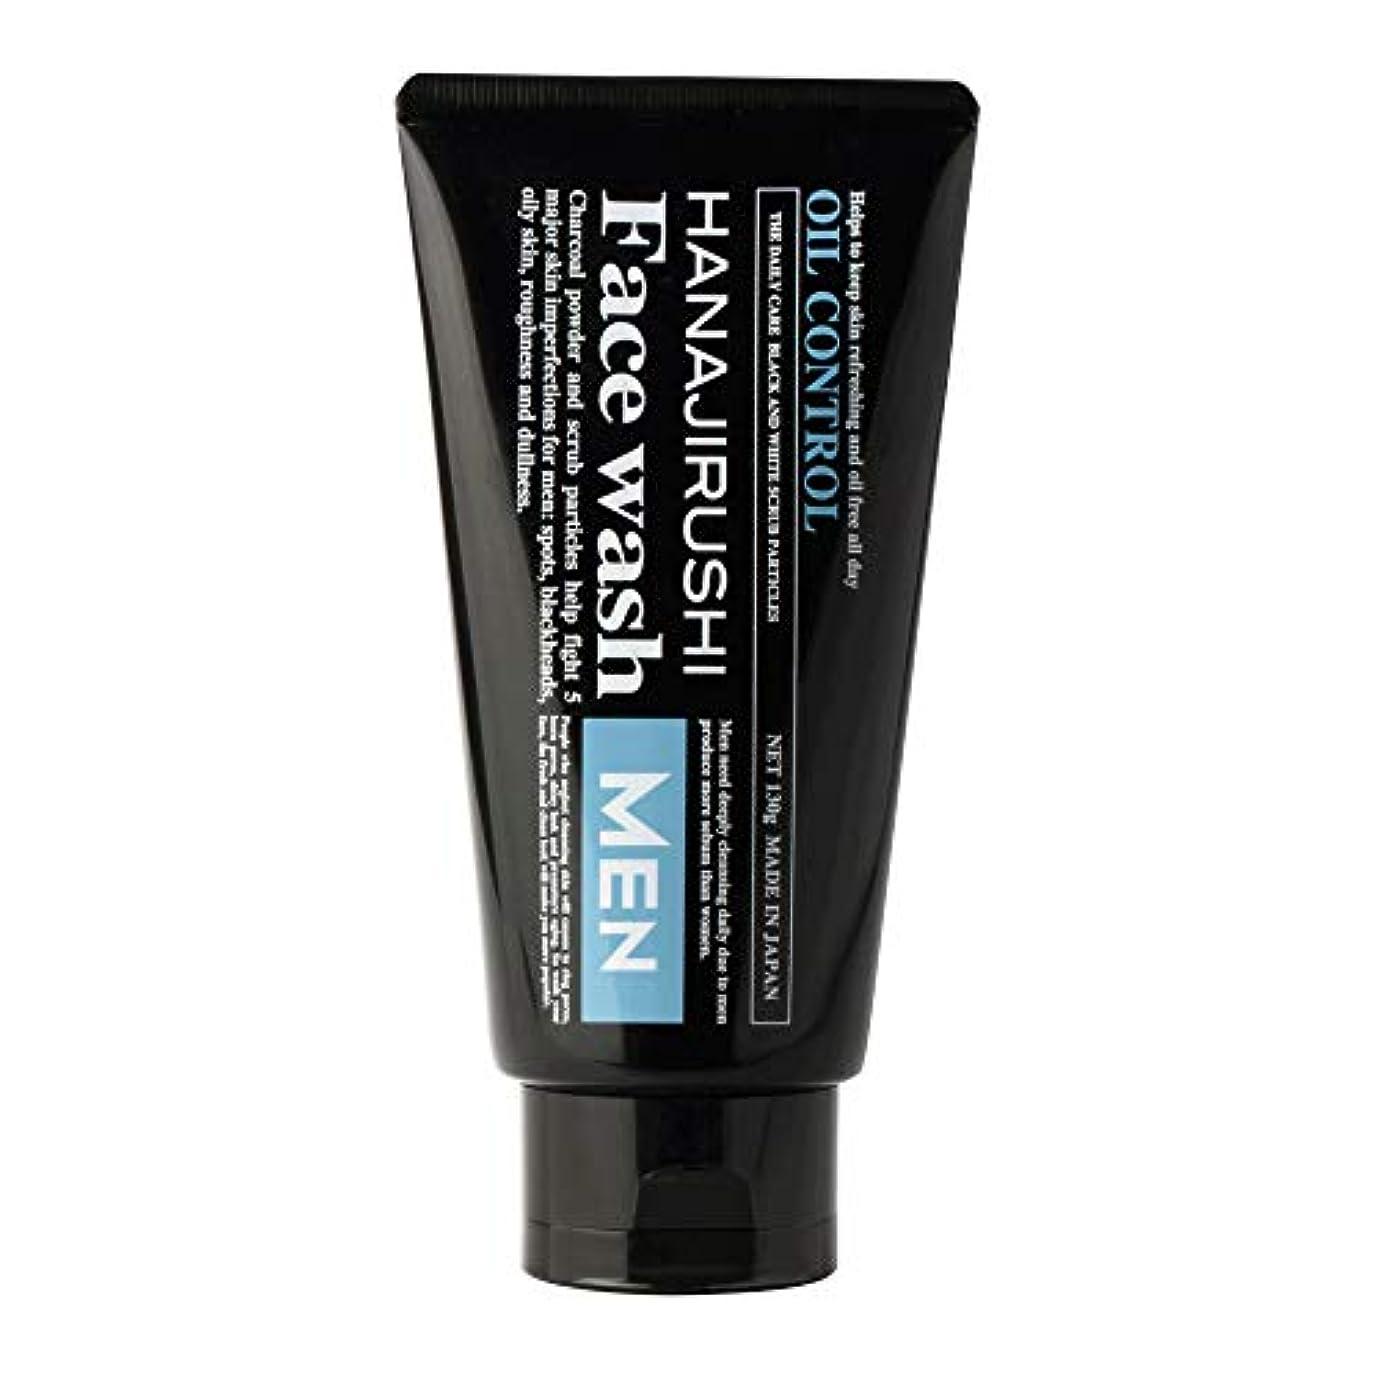 ライム見える実り多い花印 メンズオイルコントロール洗顔 スクラブタイプ B&W<男性用洗顔>